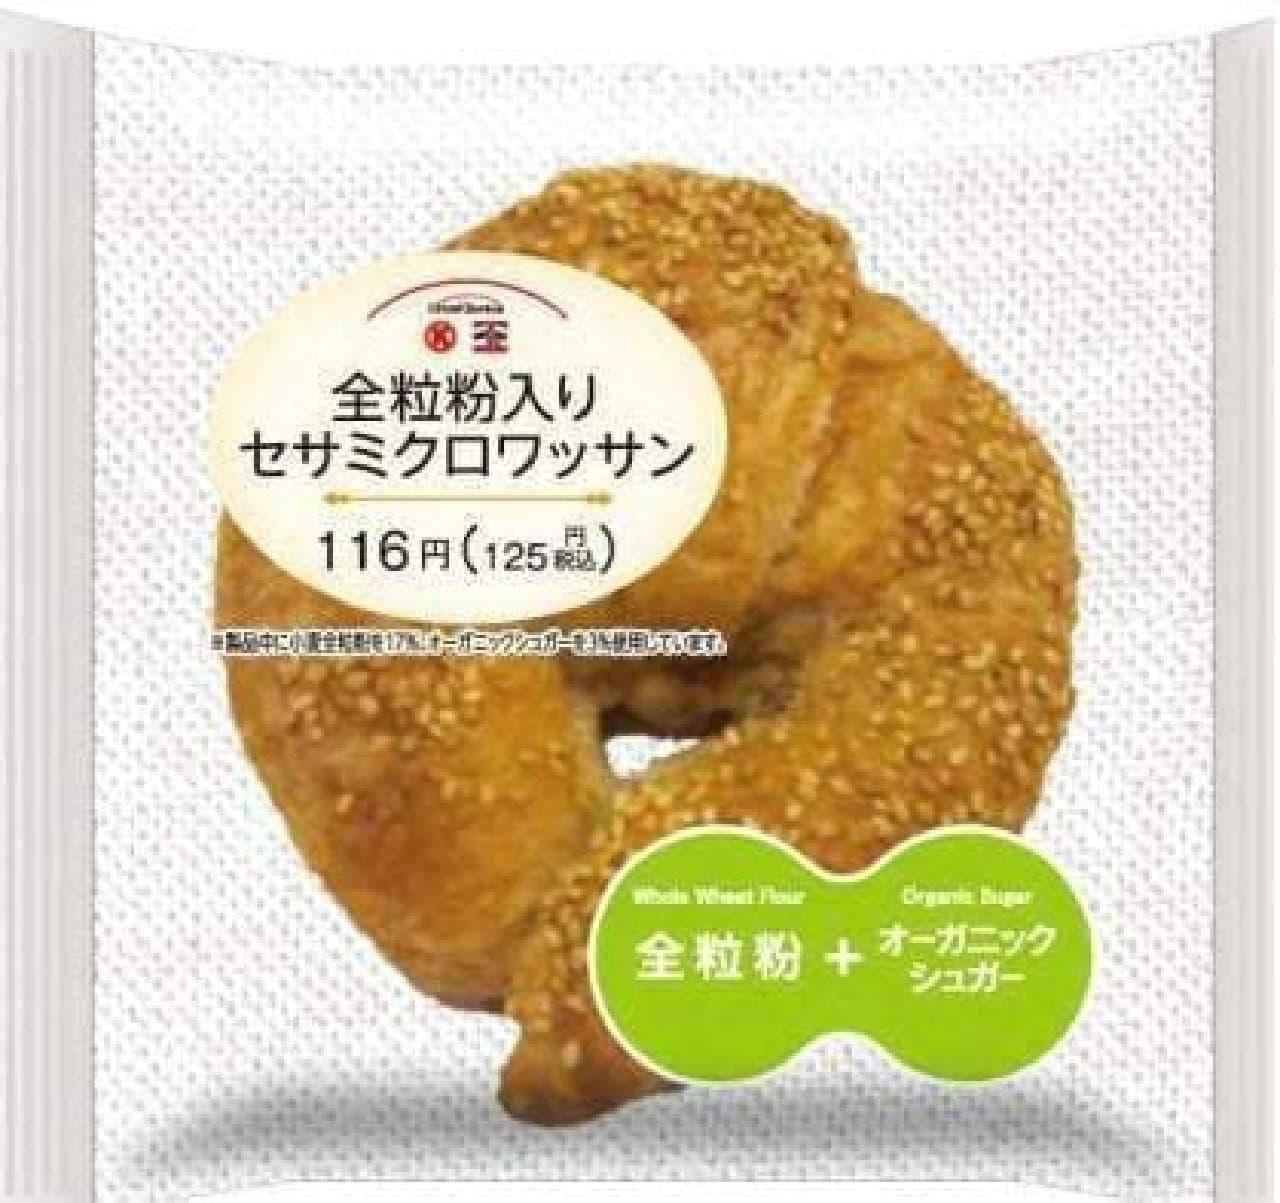 """サークル K サンクスから""""全粒粉入り""""パン"""